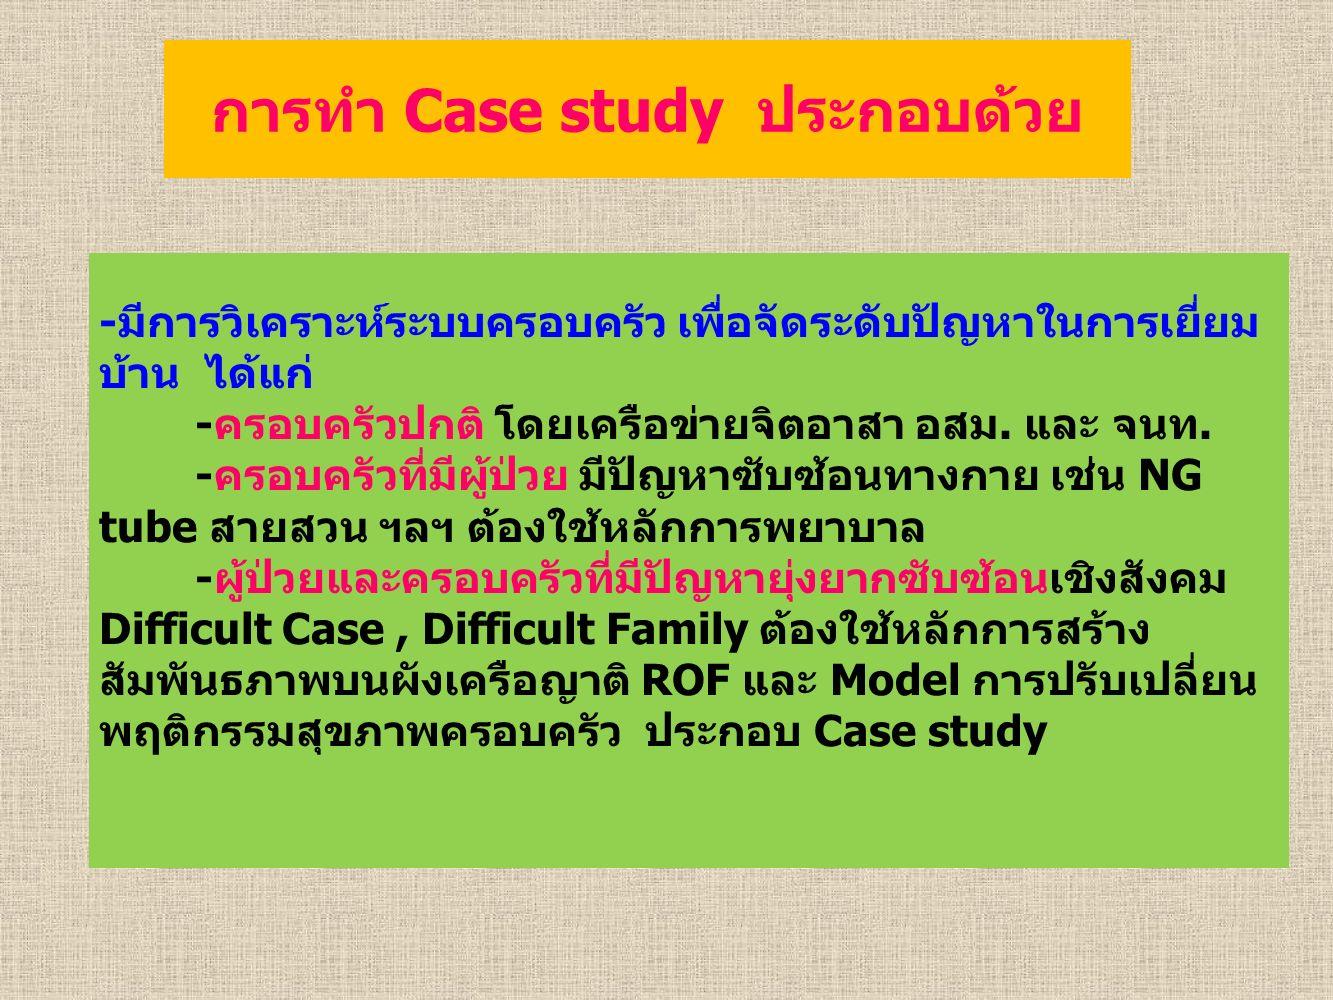 การทำ Case study ประกอบด้วย -มีการวิเคราะห์ระบบครอบครัว เพื่อจัดระดับปัญหาในการเยี่ยม บ้าน ได้แก่ -ครอบครัวปกติ โดยเครือข่ายจิตอาสา อสม.